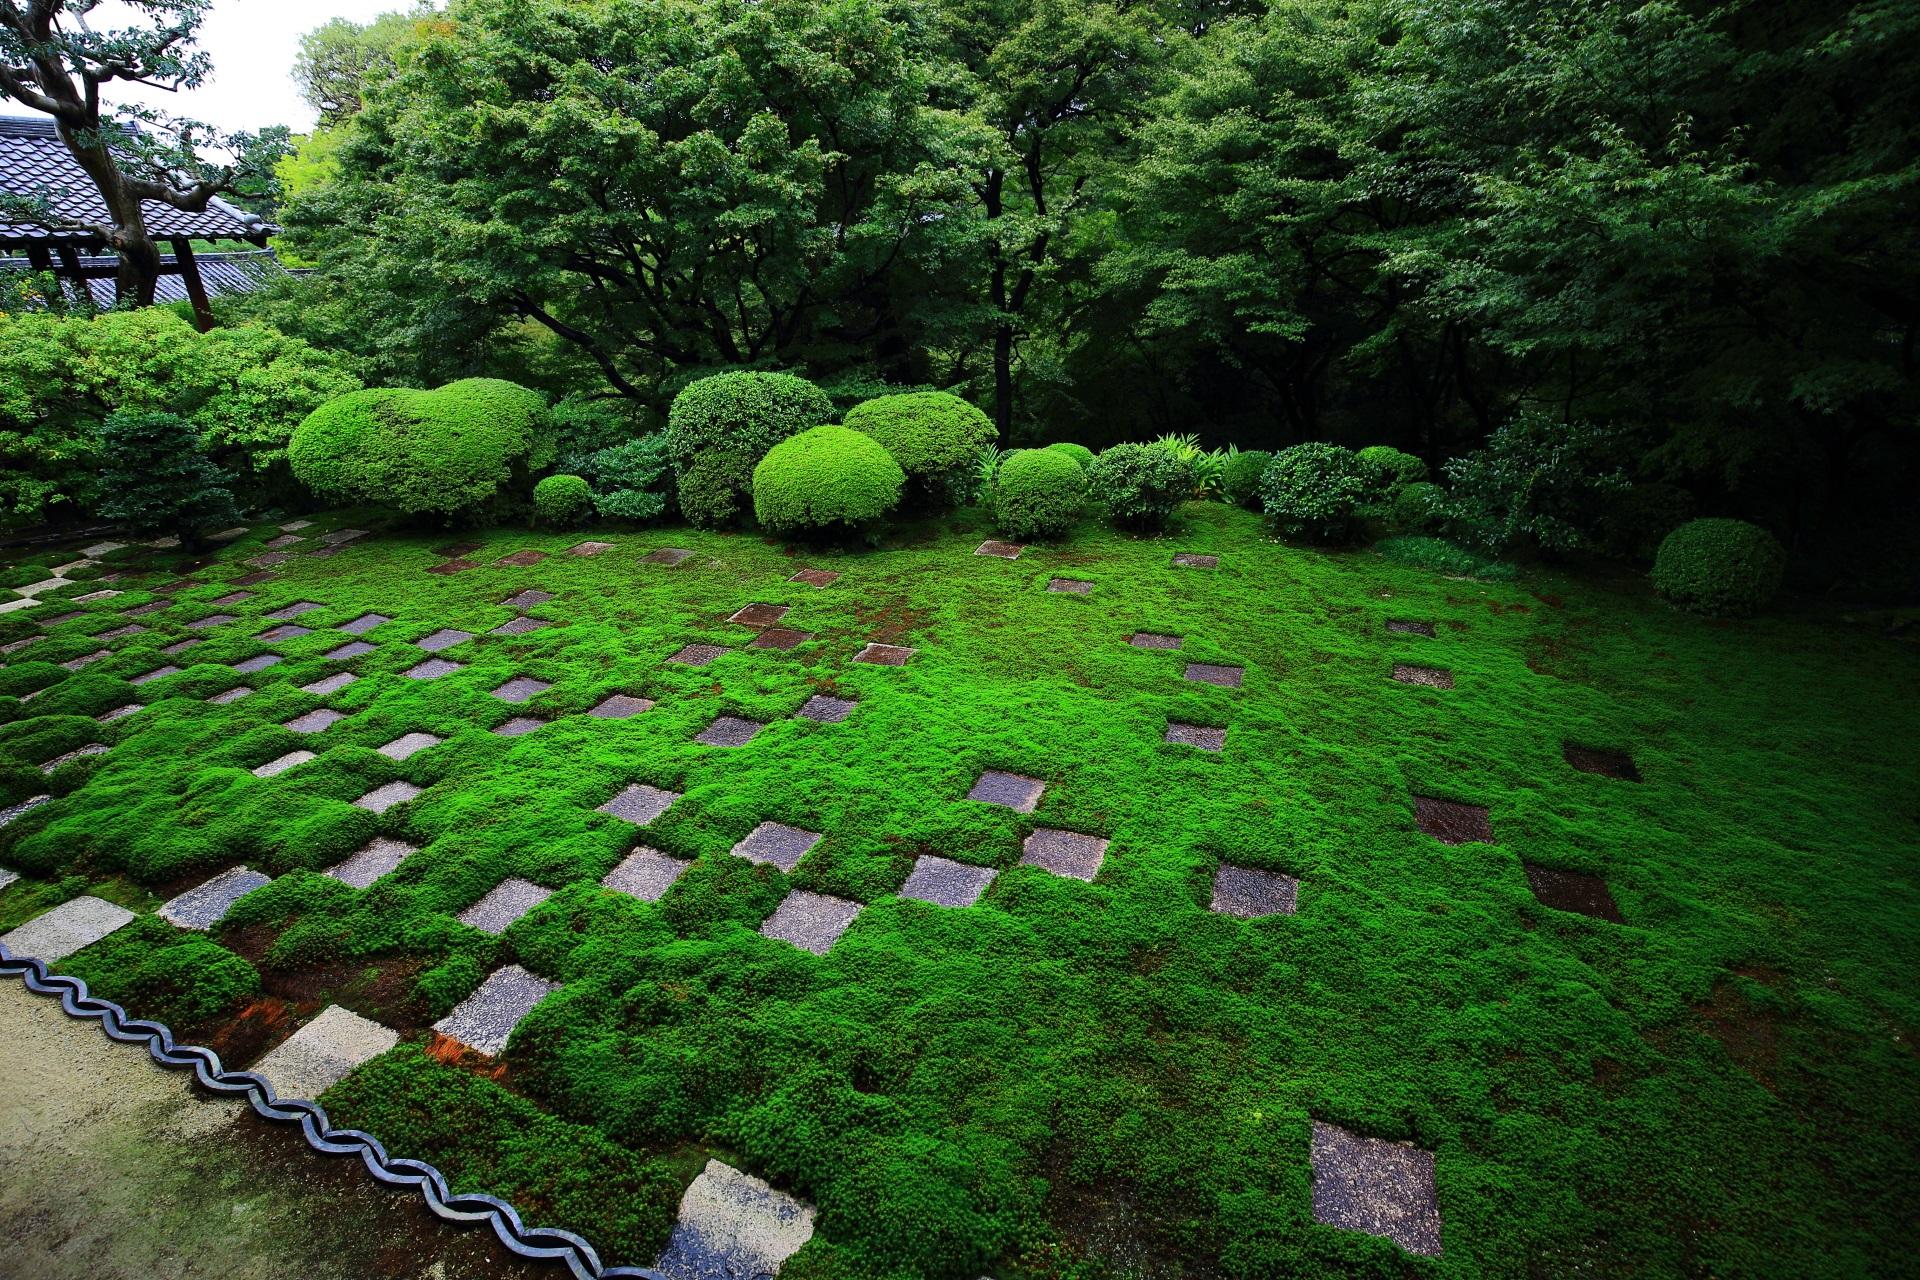 緑の苔とサツキの美しい方丈北庭